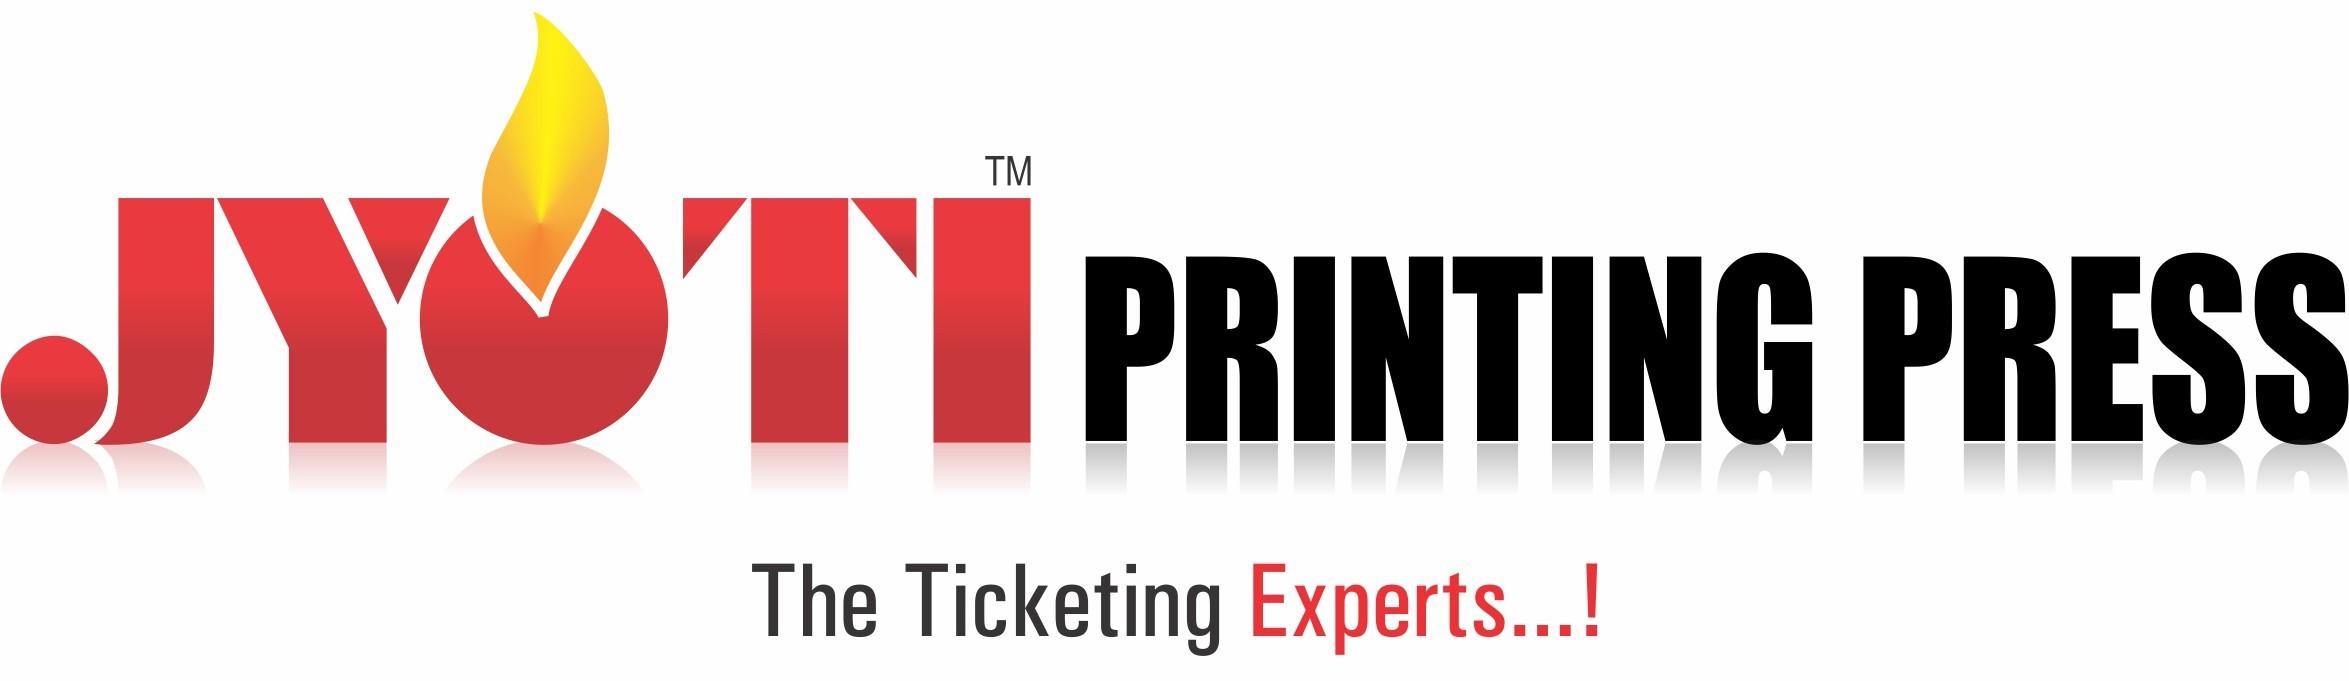 Jyoti Graphics Design & Printing Press